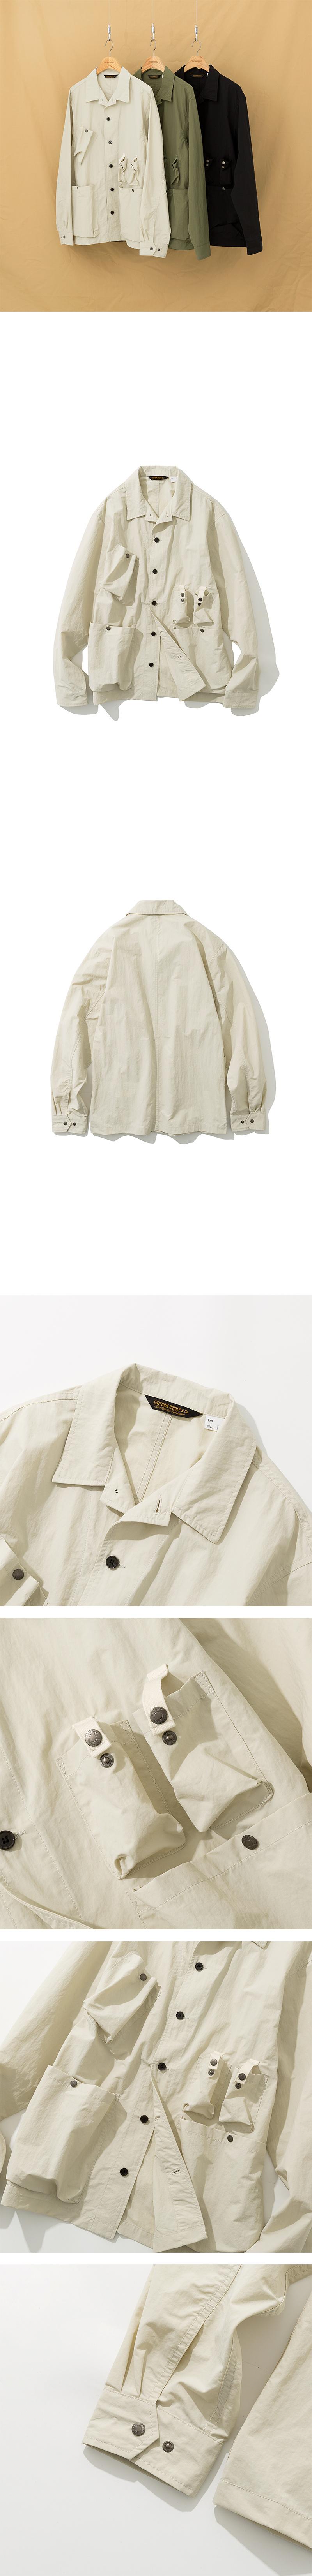 유니폼브릿지(UNIFORM BRIDGE) 19fw utility jacket off white